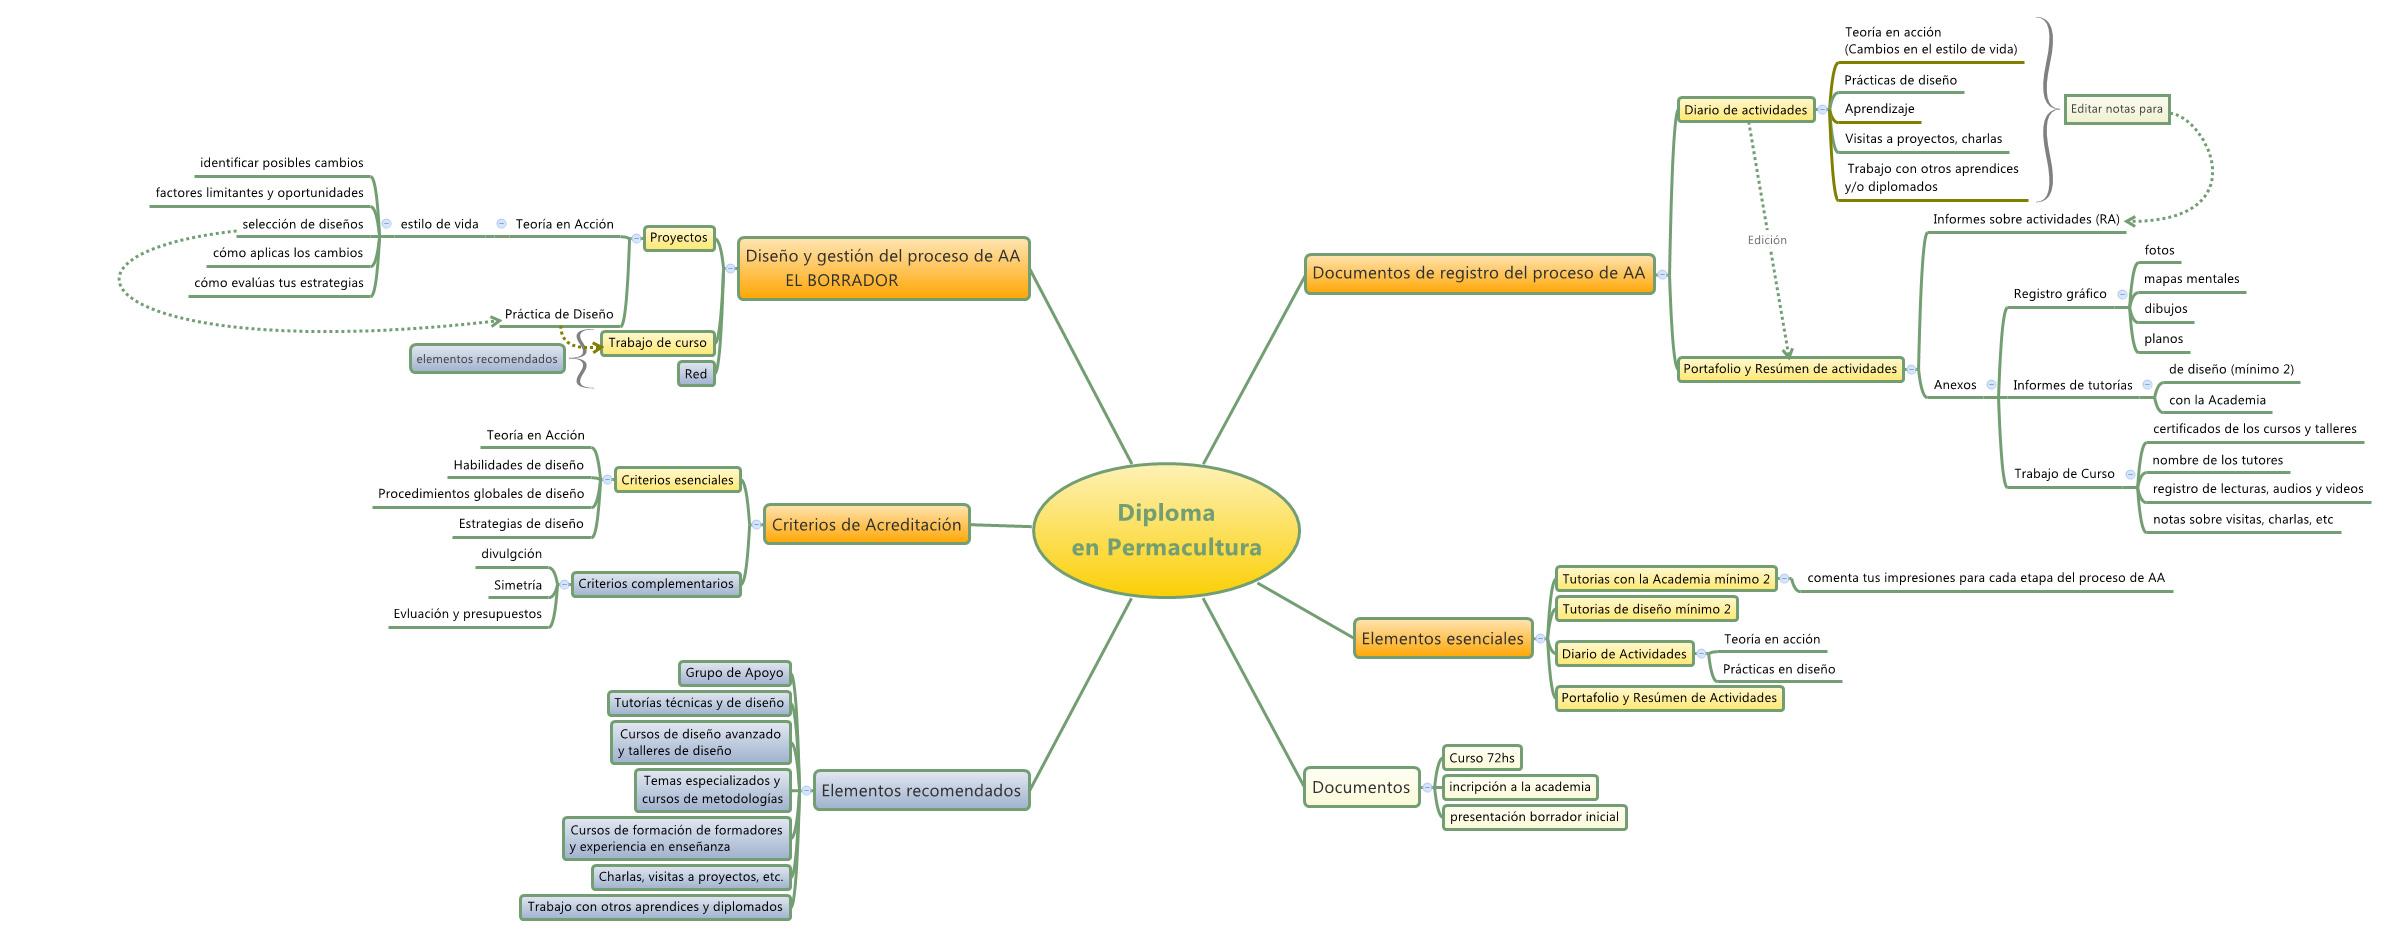 Mapa mental - Manual de Diploma